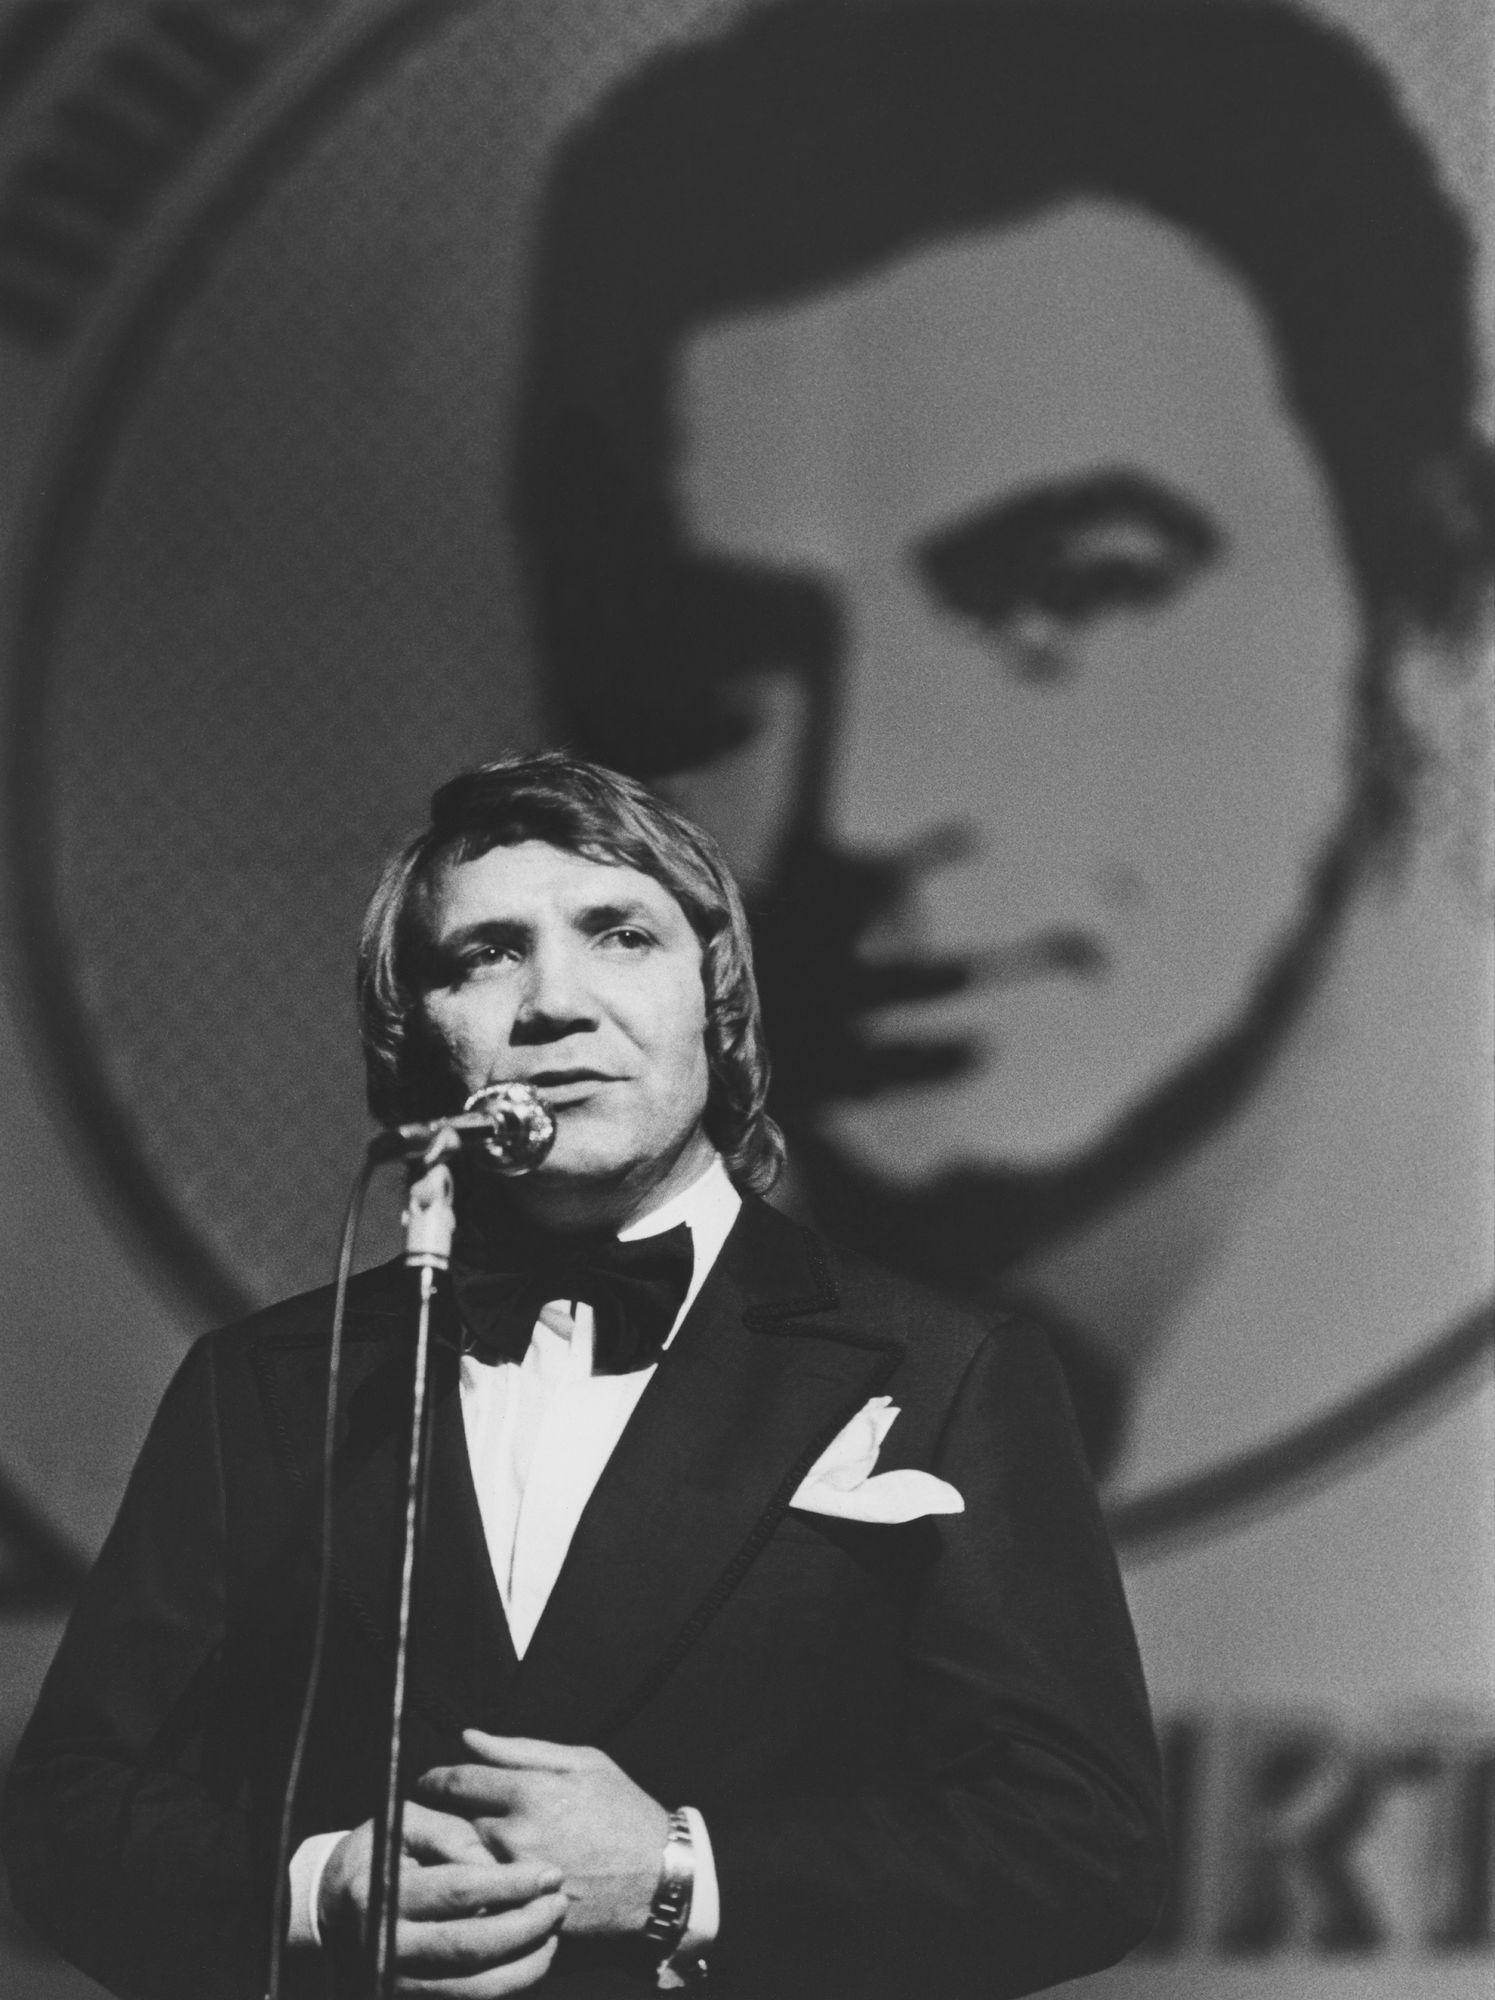 """Olavi Virran muistokonsertissa vuonna 1975. """"Virta on ollut yksi musiikillisista esikuvistani. Hänellä oli poikkeuksellisen kaunis ääni. """" © Veikko Lintinen/kuva-arkisto"""